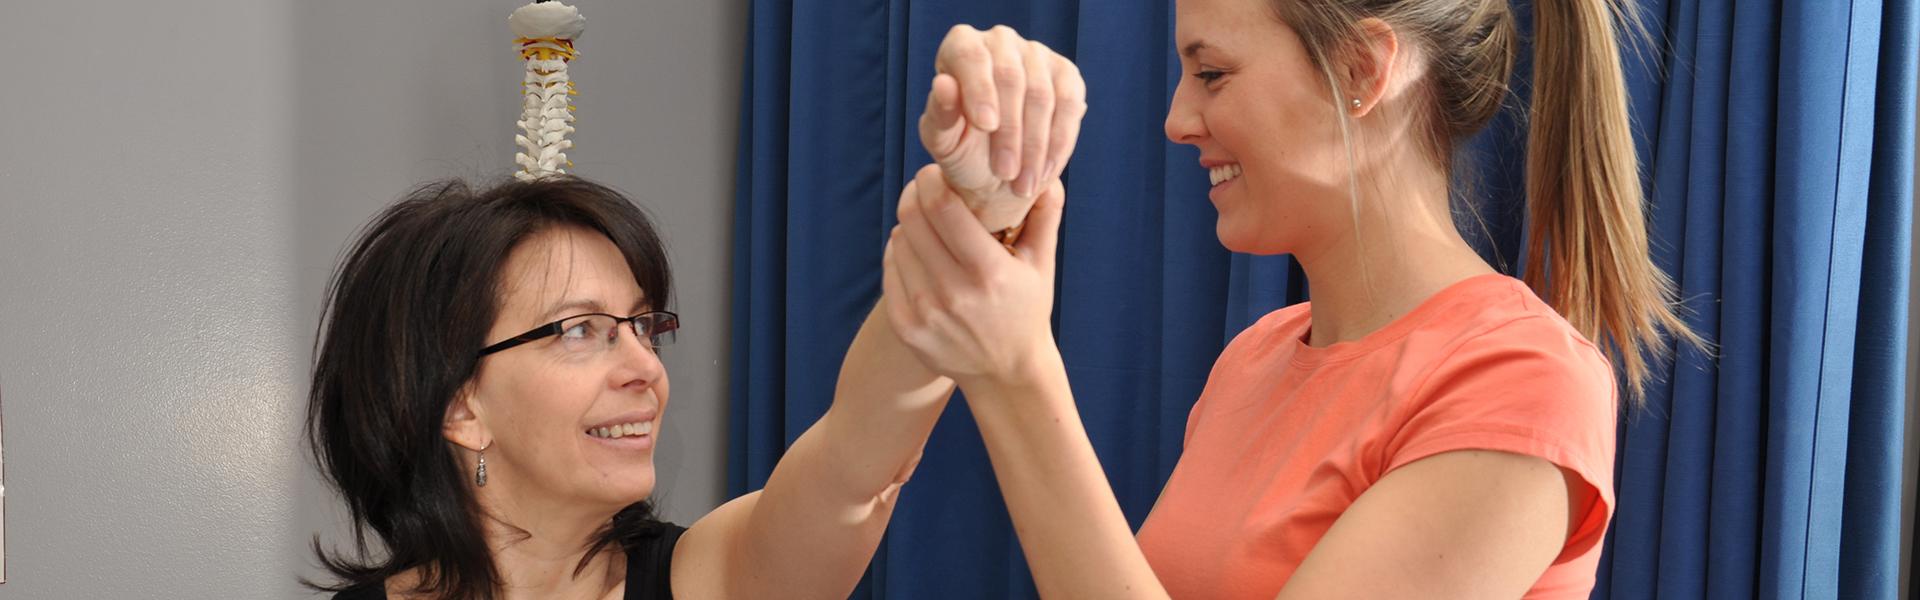 Étudiante et professeur en physiothérapie démontrant un exercice musculaire